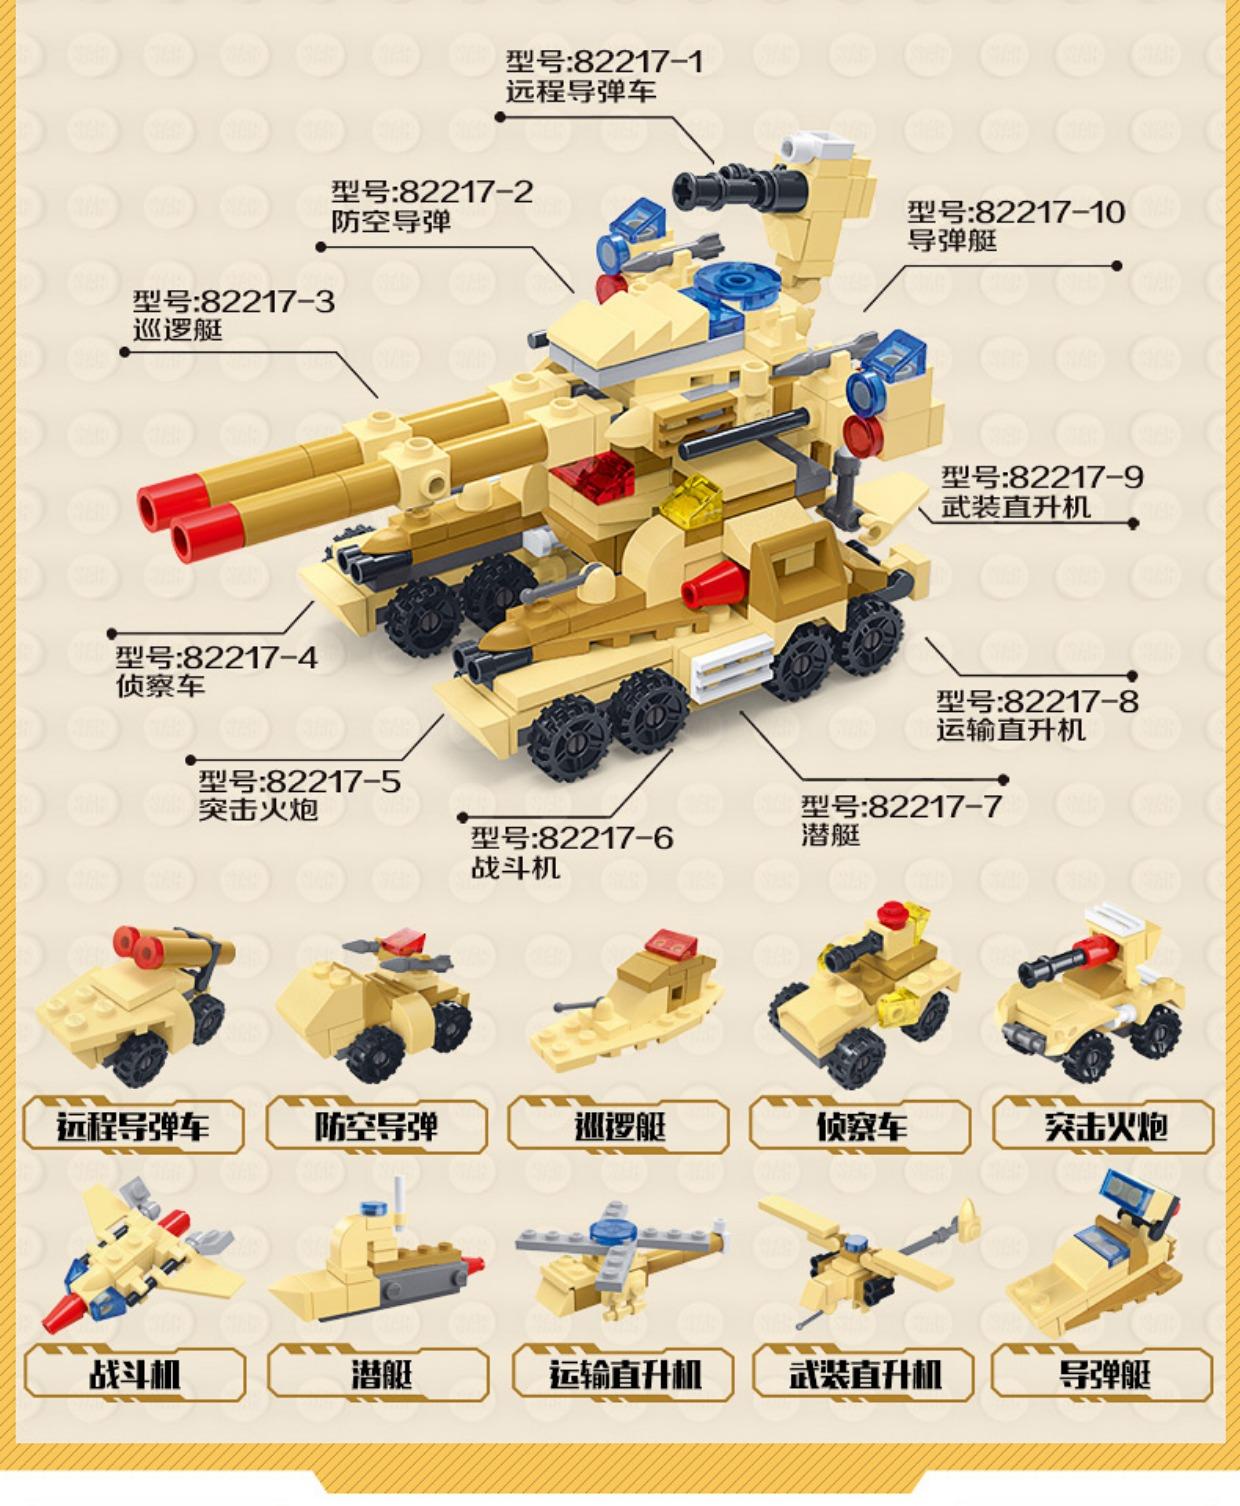 星钻小拼装积木小飞机益智拼装乐高玩具 8